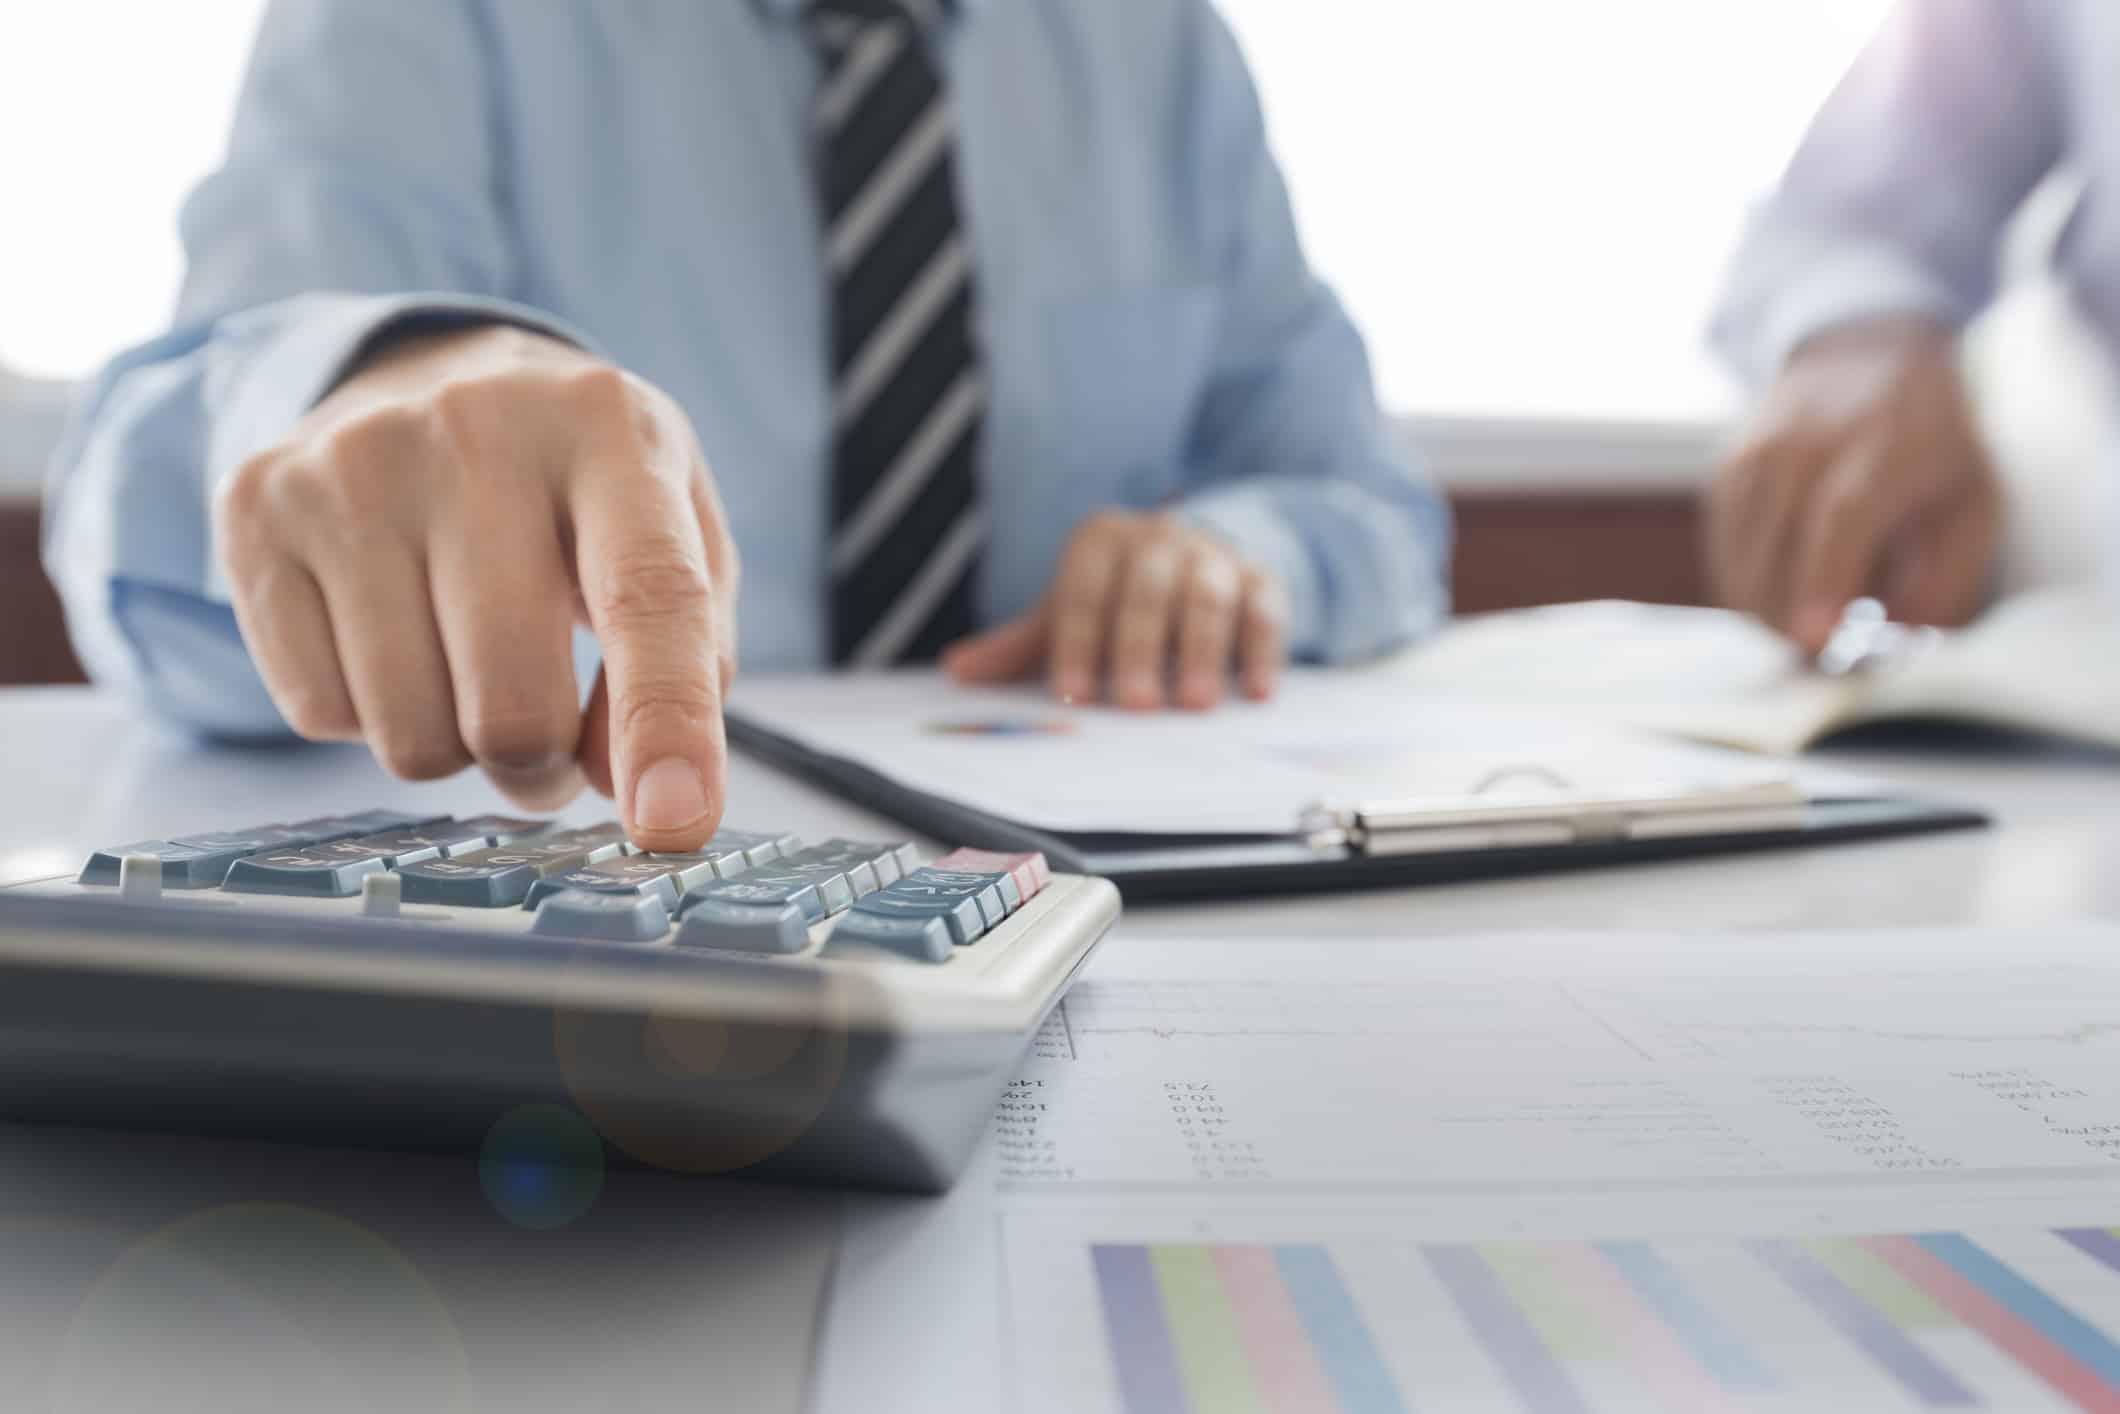 debt consolidation vs debt settlement; business man using a calculator